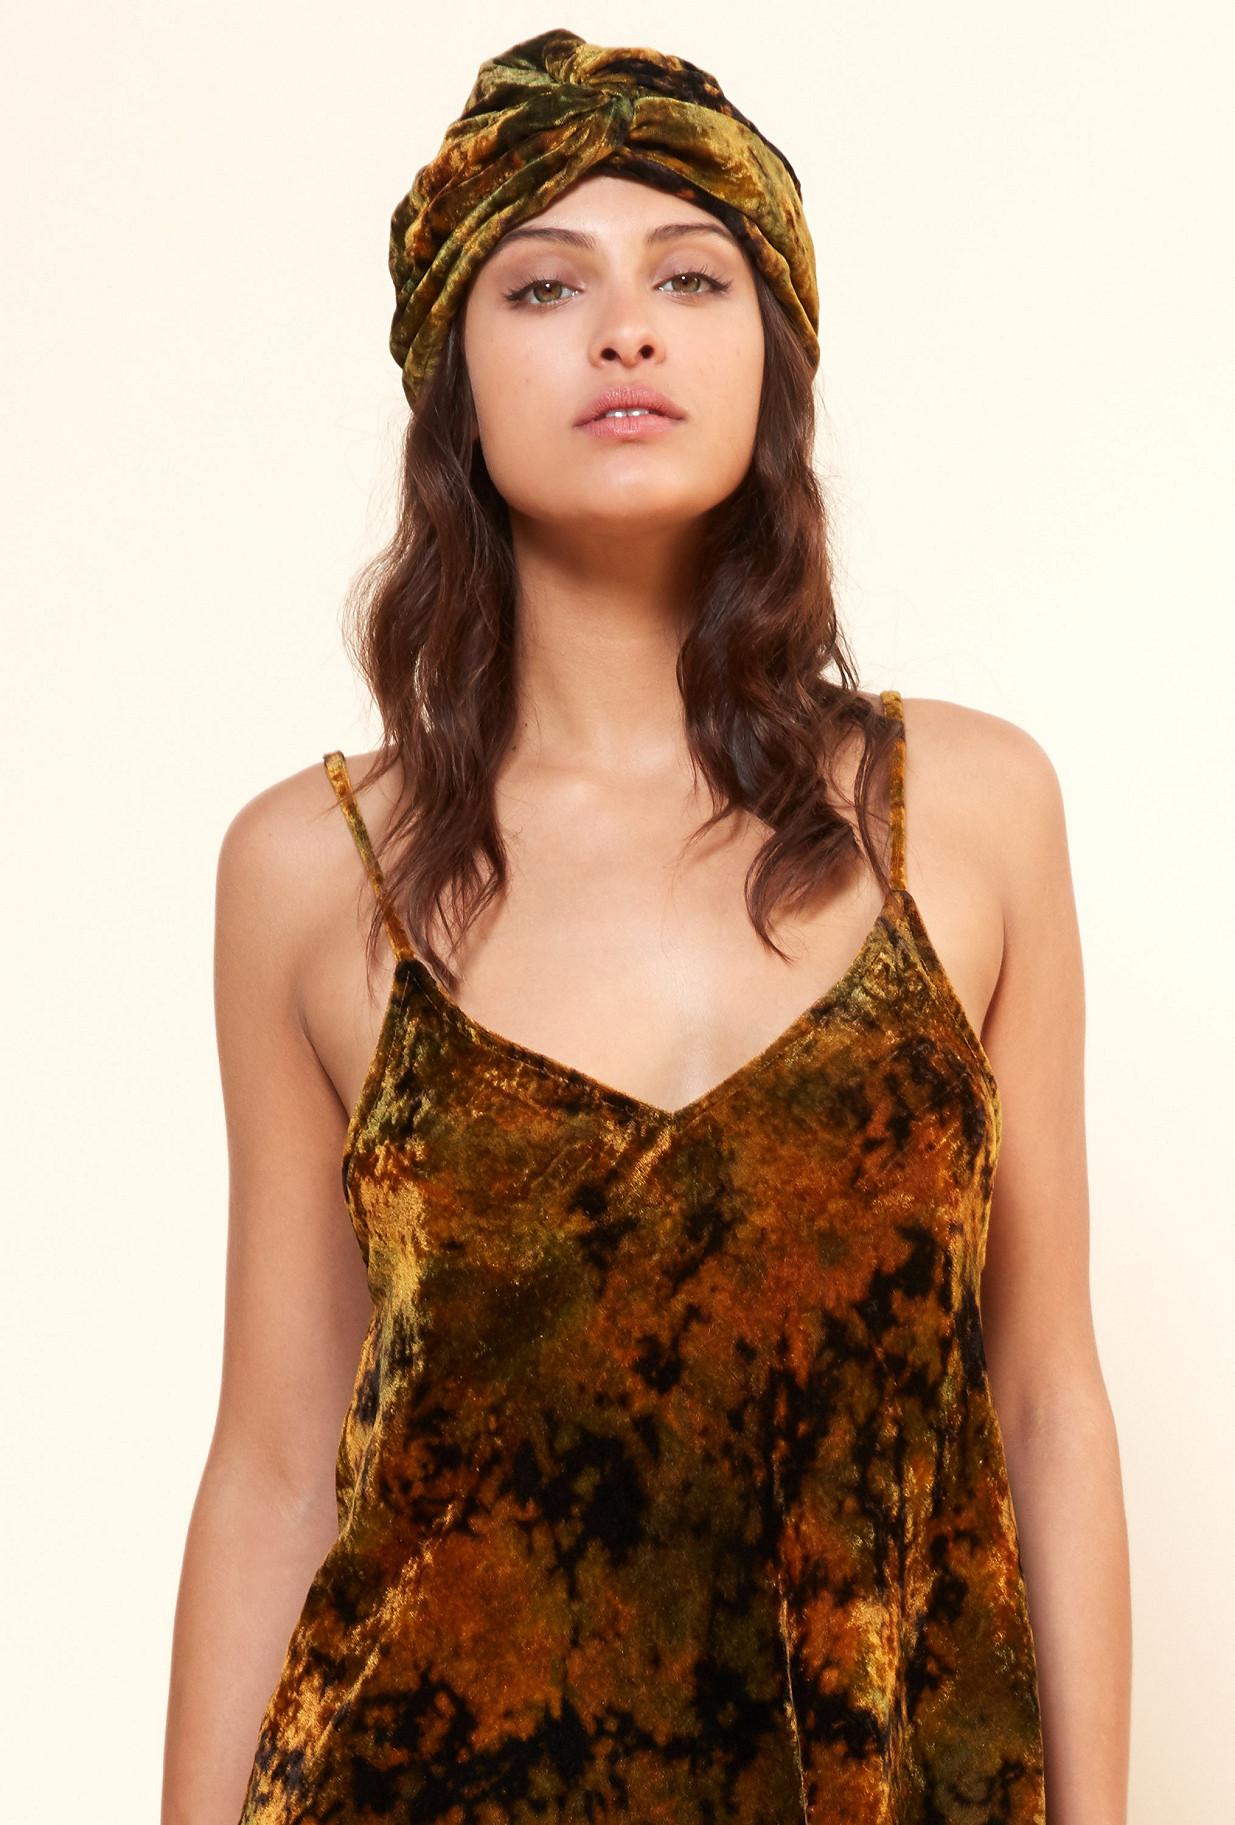 Floral print  Scarf  Shou Mes demoiselles fashion clothes designer Paris